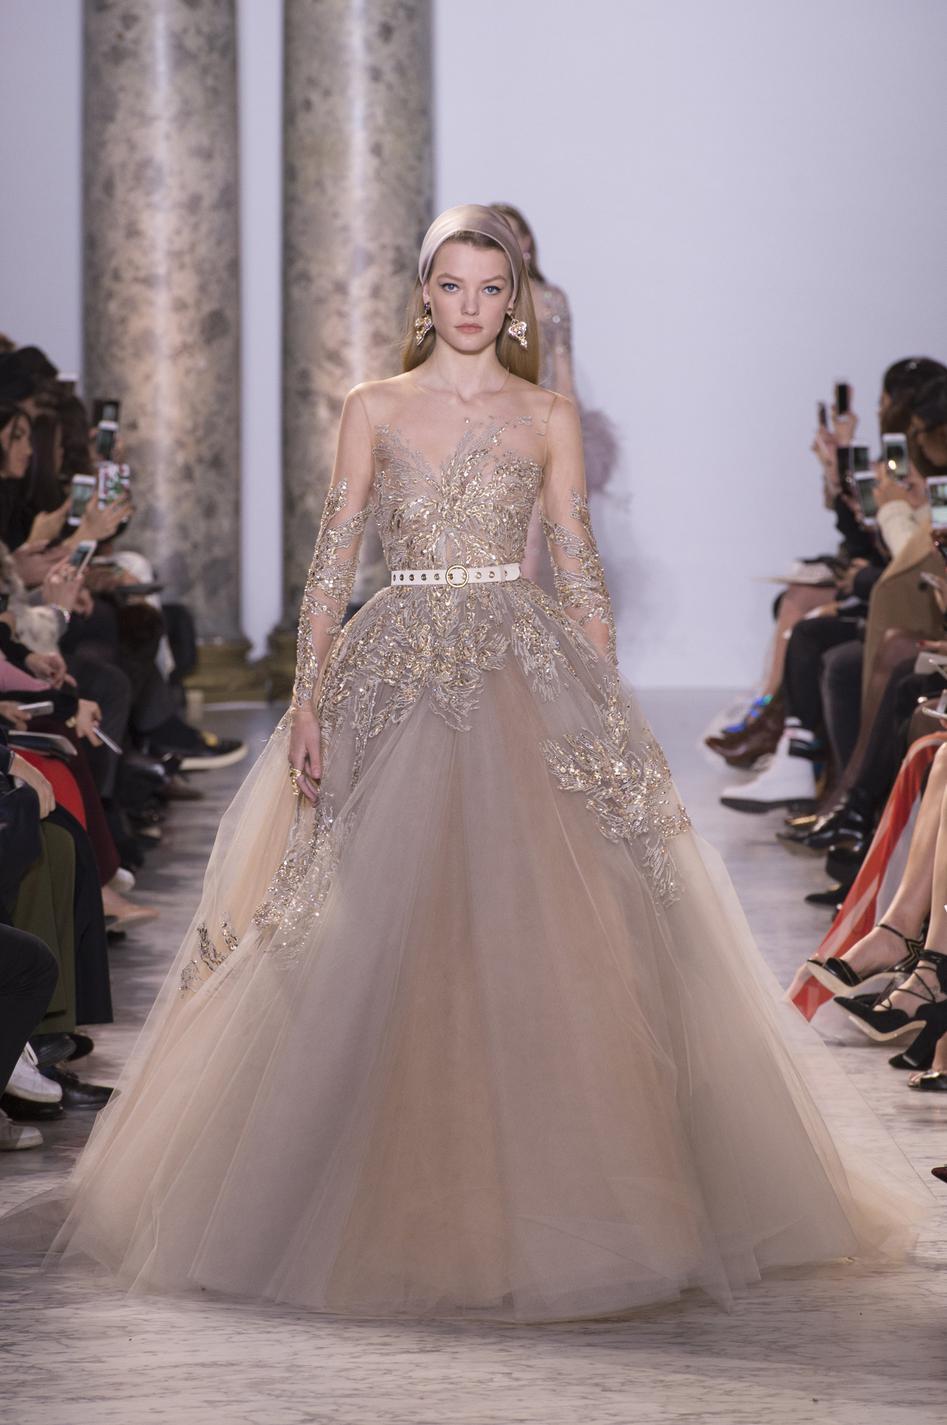 Dior chanel valentino le grand bal des robes de r ves for 1900 haute couture